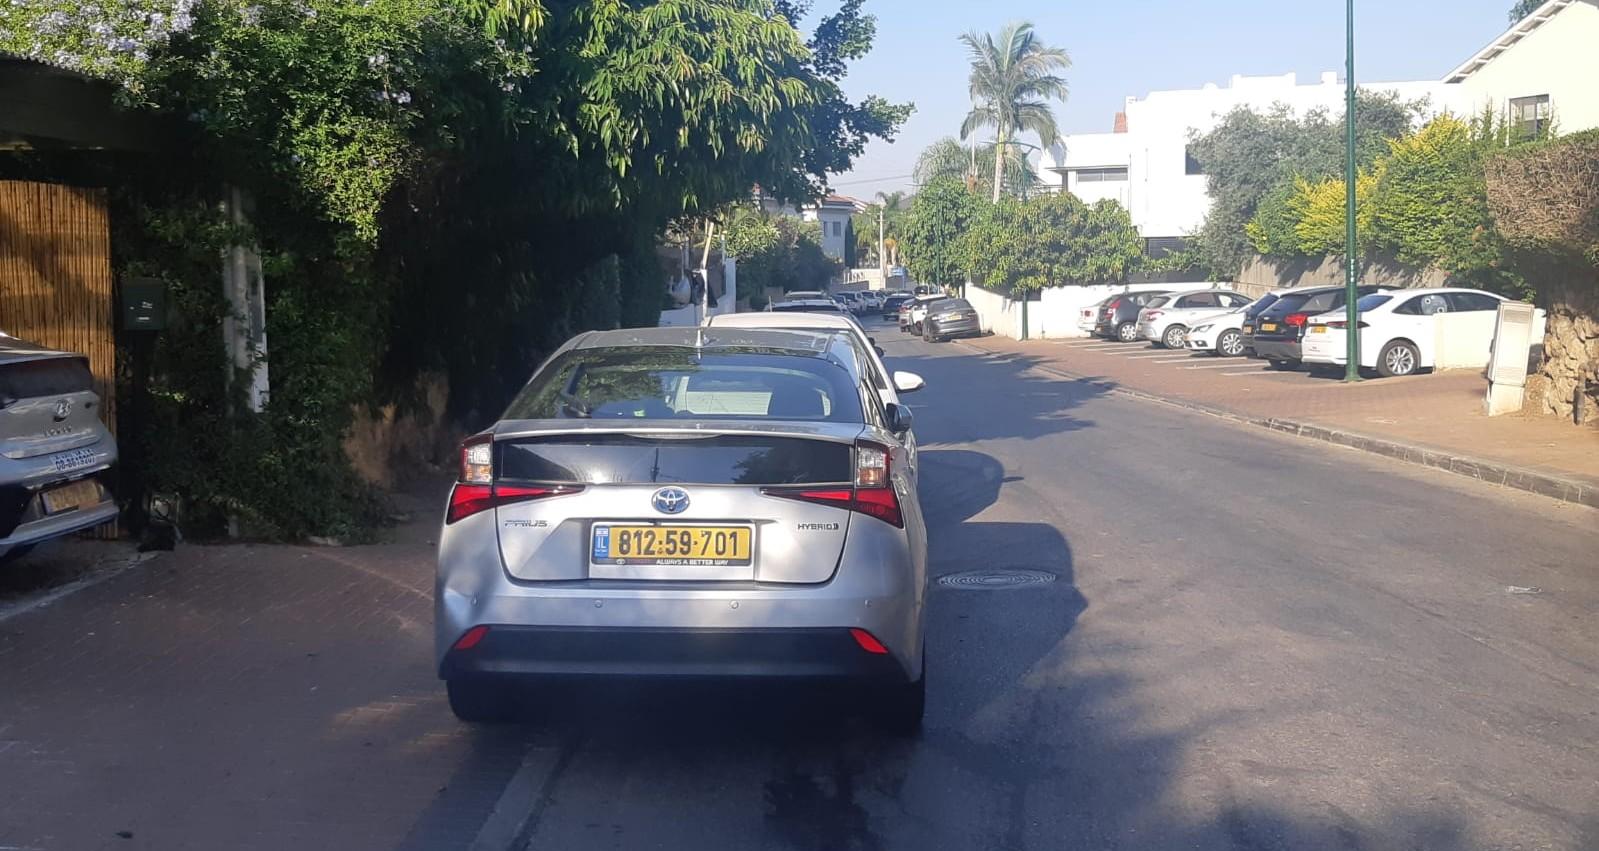 רכב חוסם חניה ברחוב הוז הרצליה